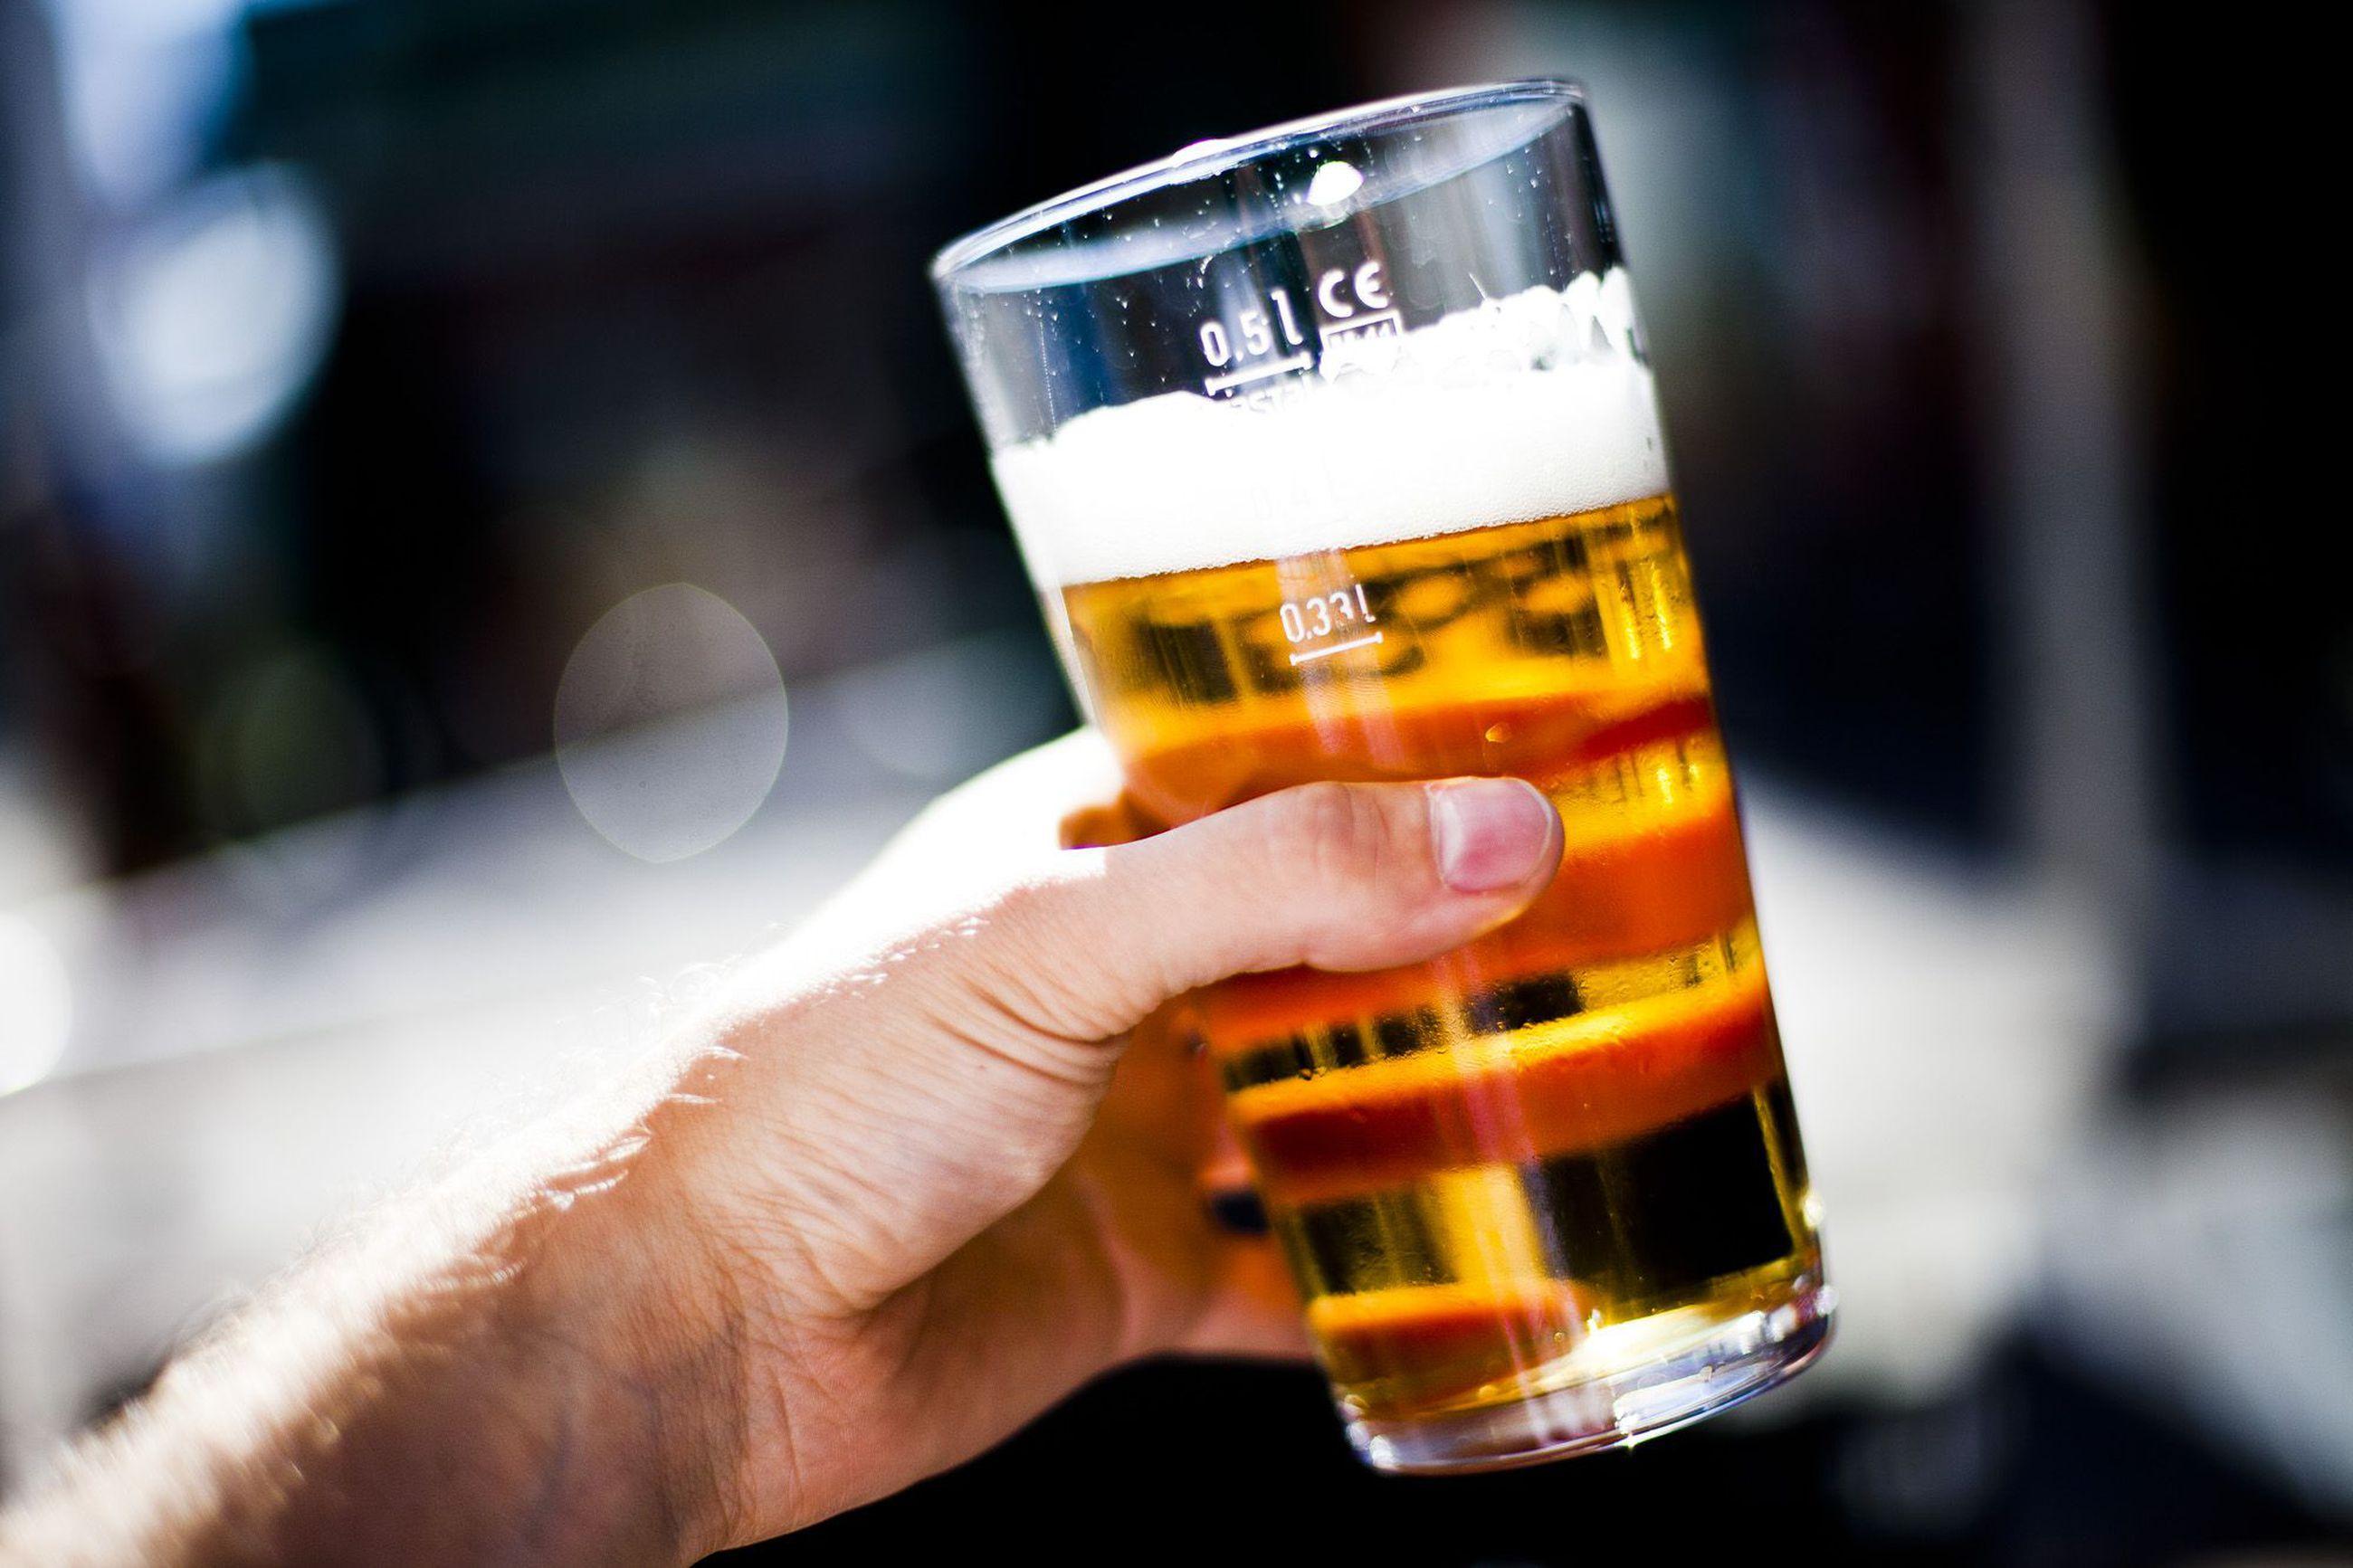 Korona Alkoholi